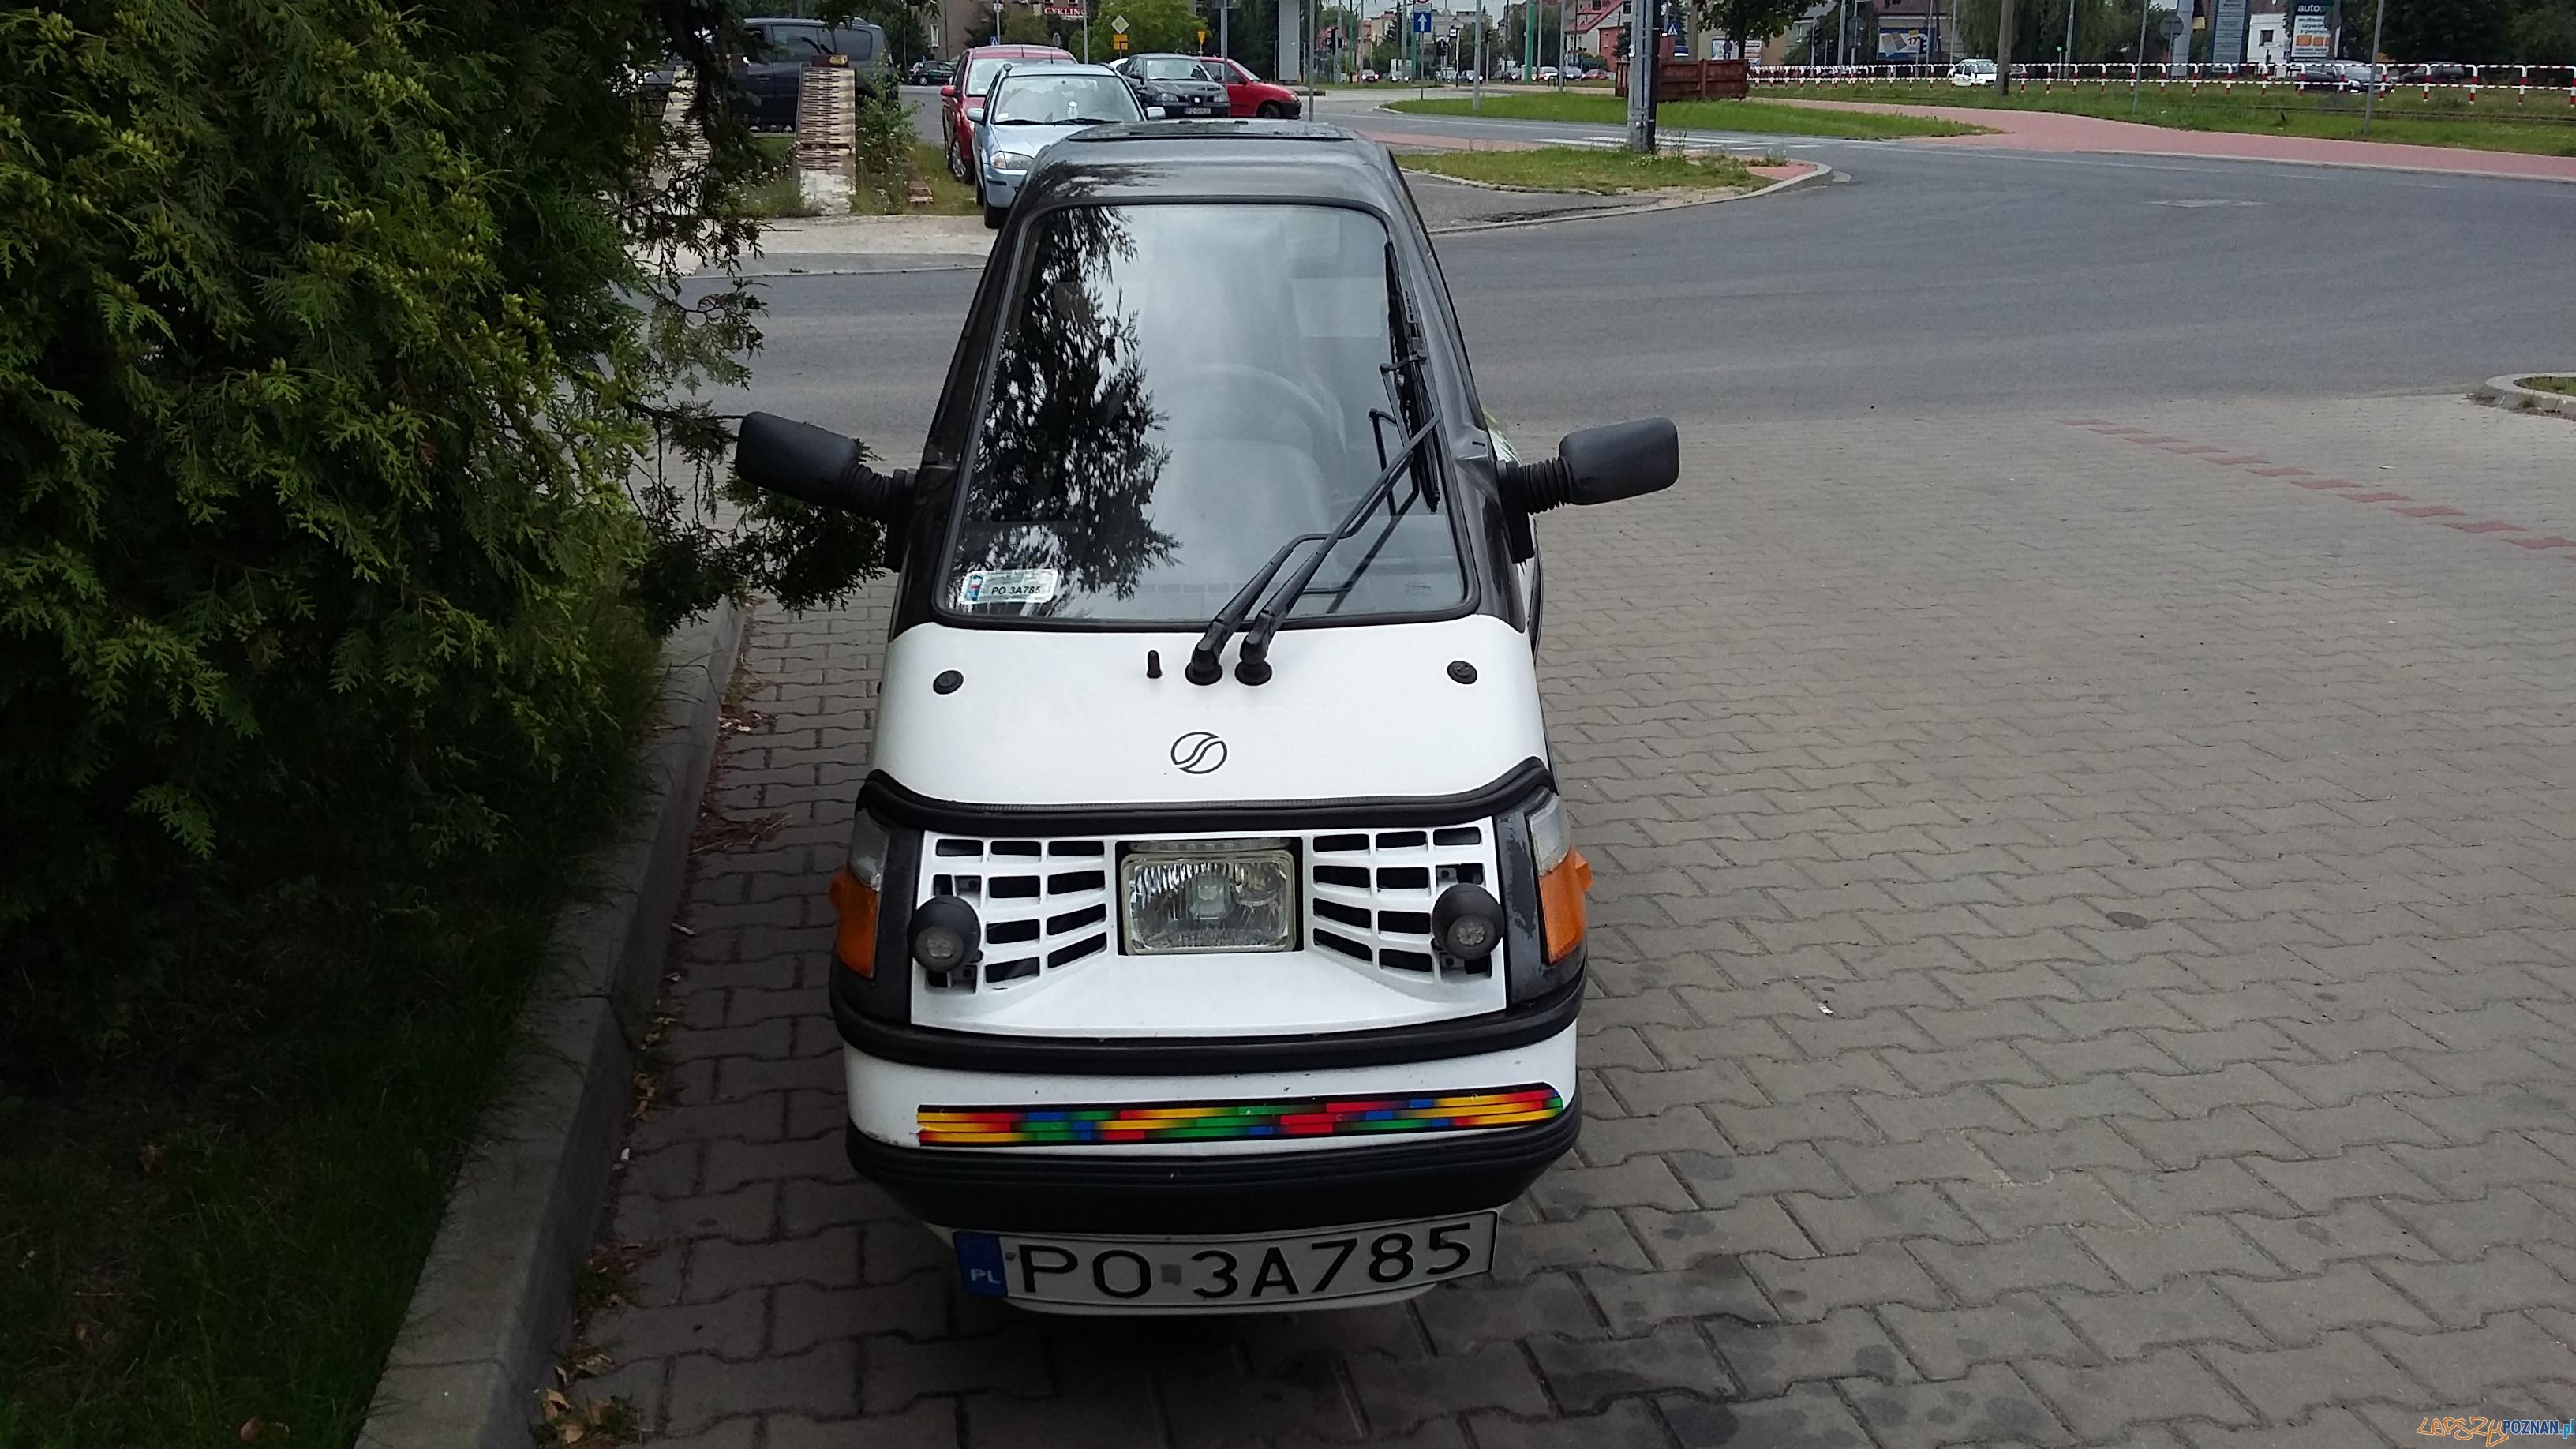 Samochód elektryczny  Foto: lepszyPOZNAN.pl / gsm